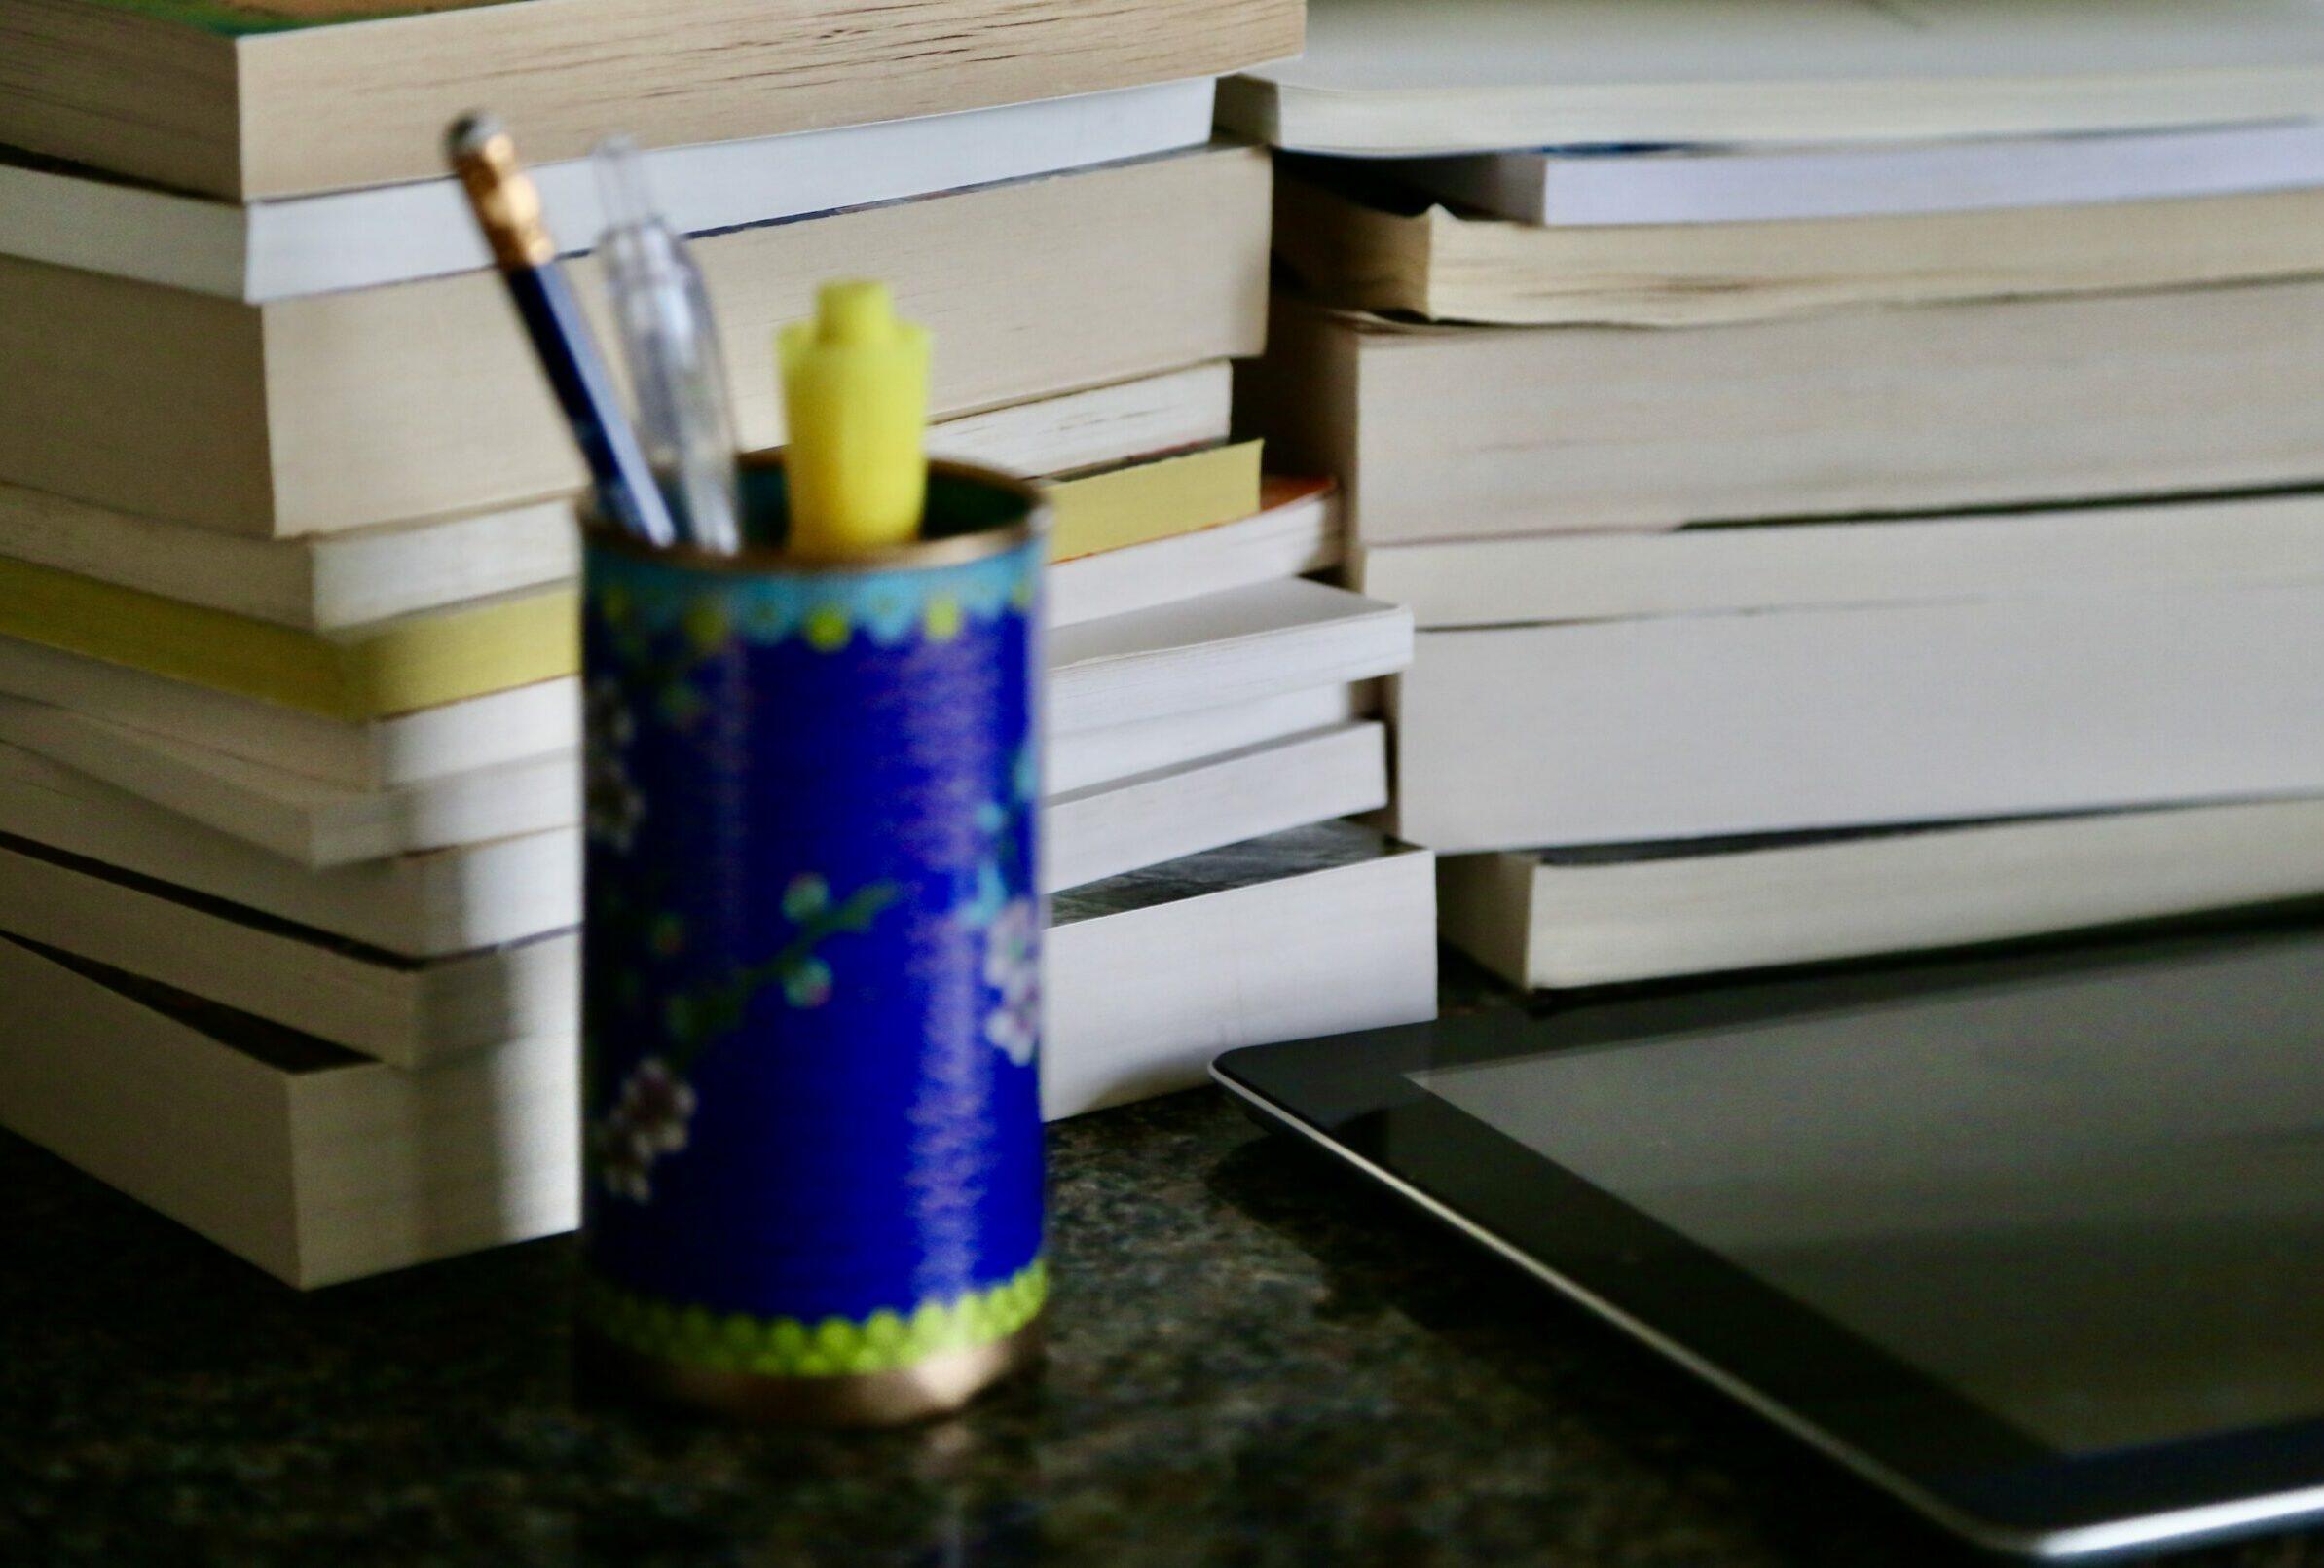 books/ipad